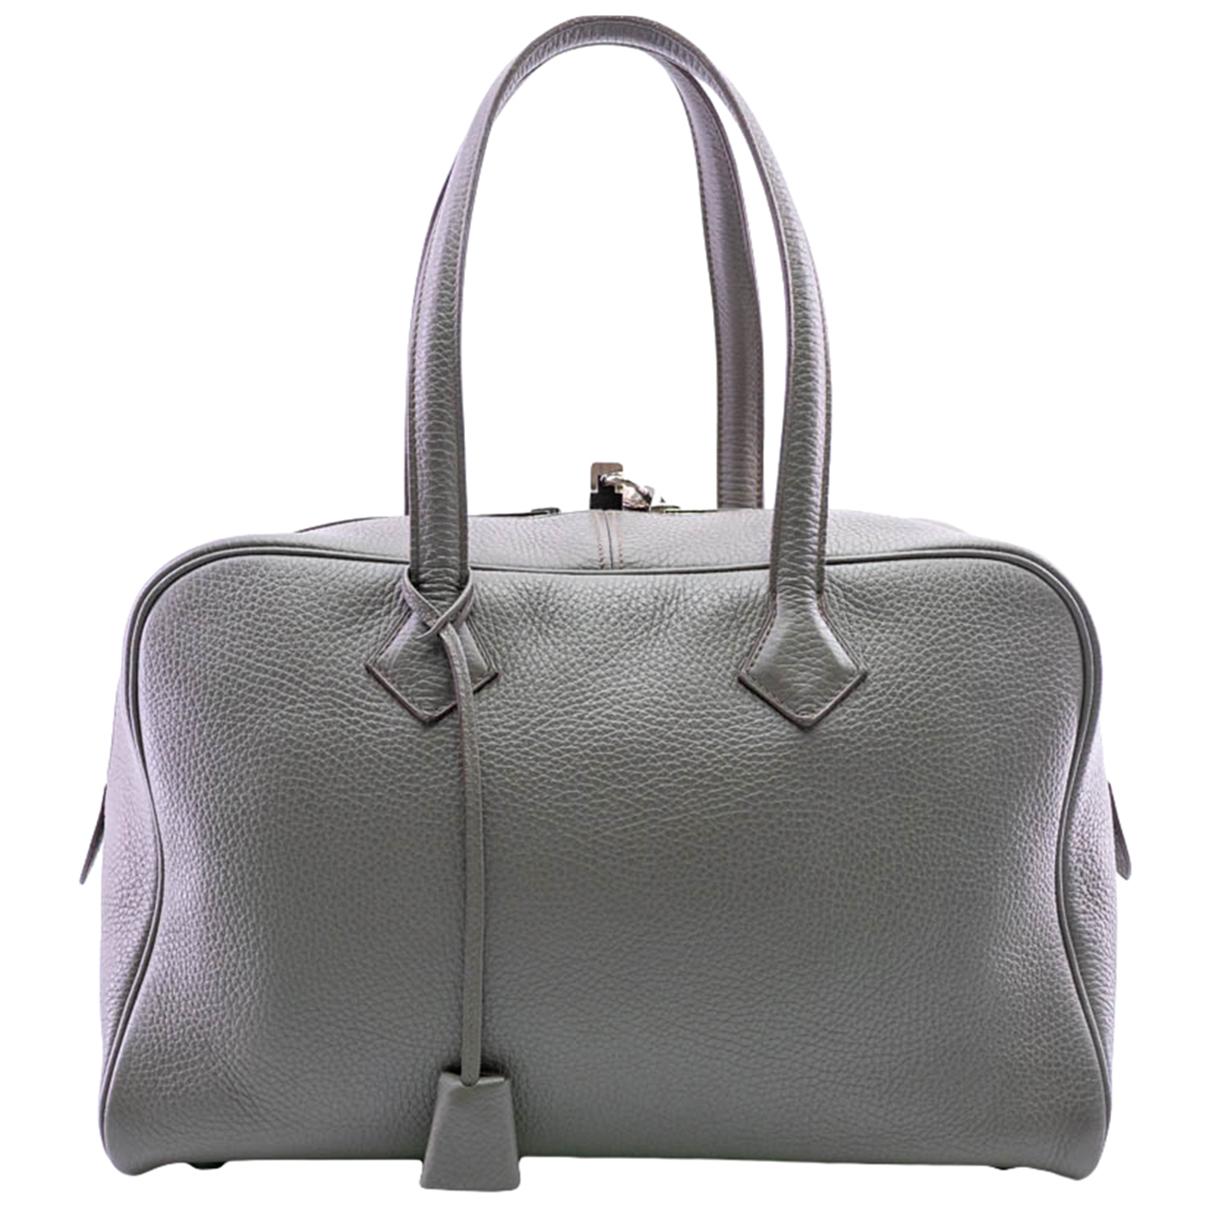 Hermes Victoria Handtasche in Leder